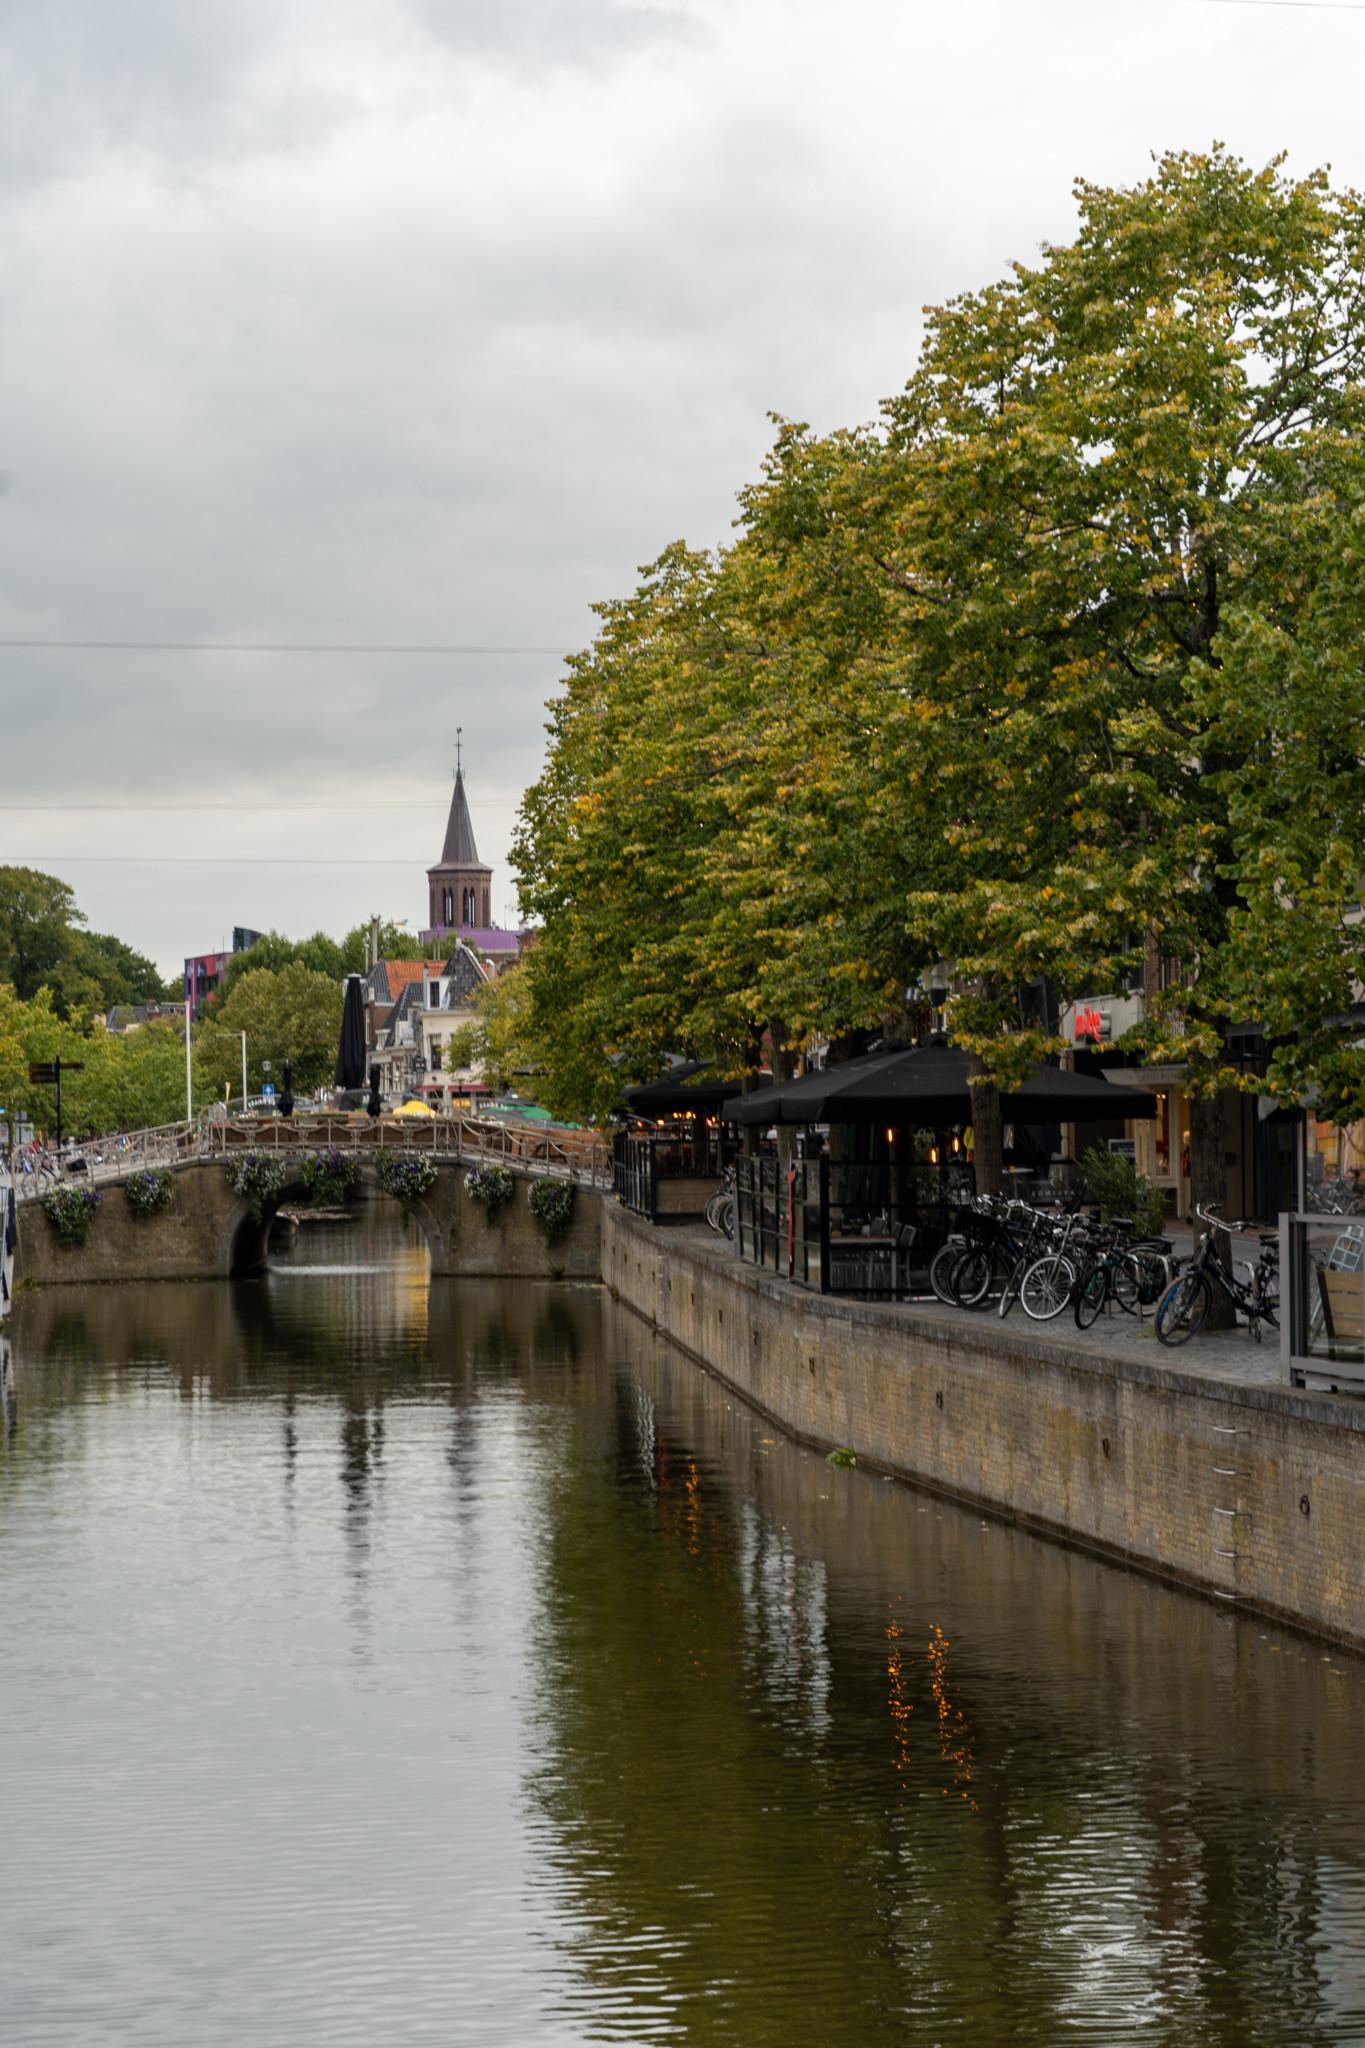 Kanal mit Ausblick auf die Saint Boniface Kirche in Leeuwarden